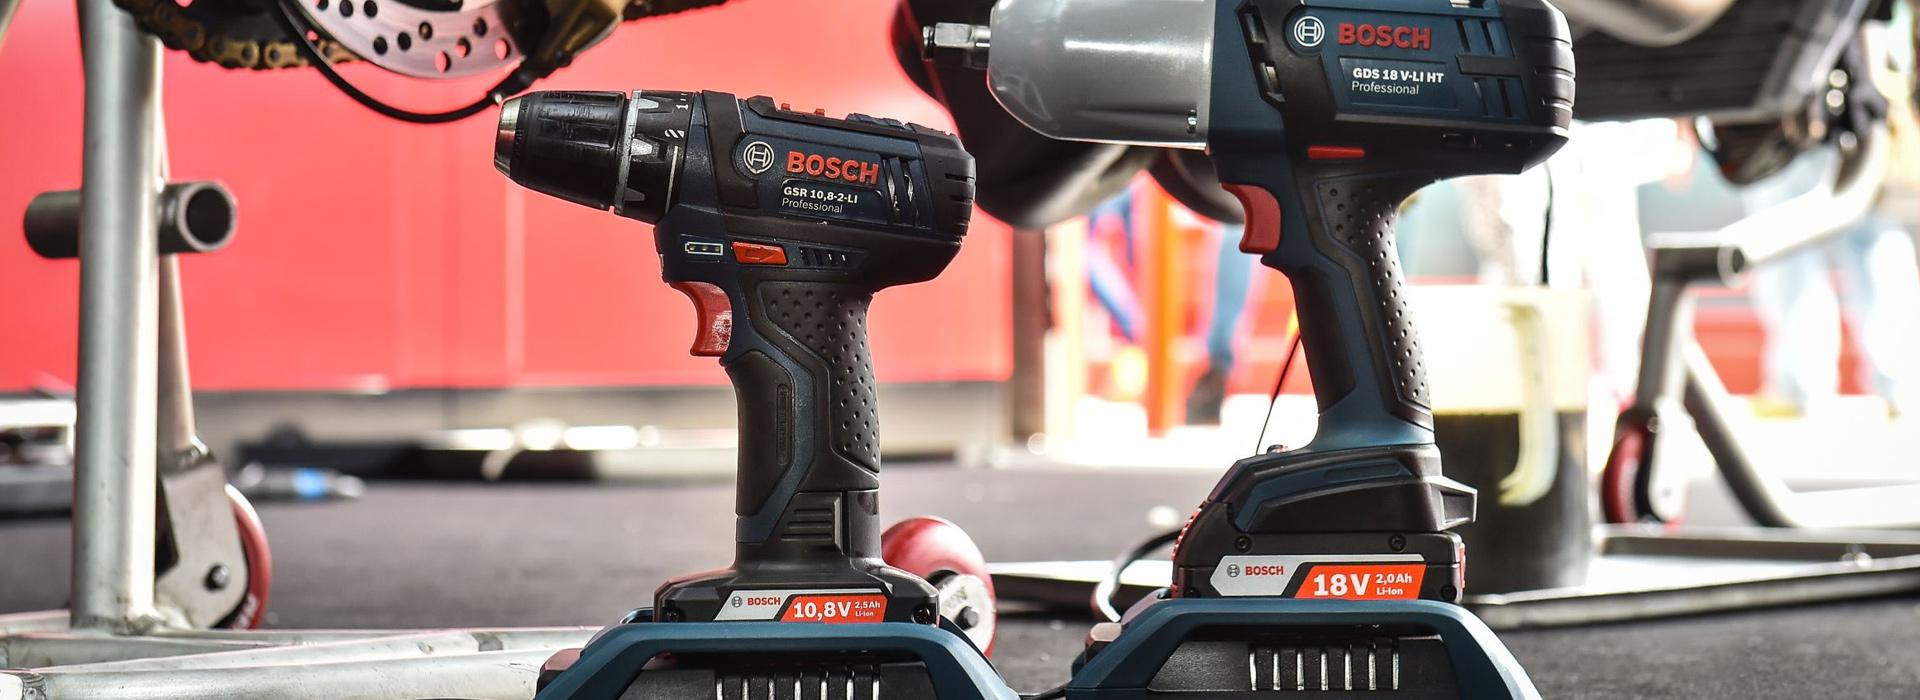 Outils électriques Bosch